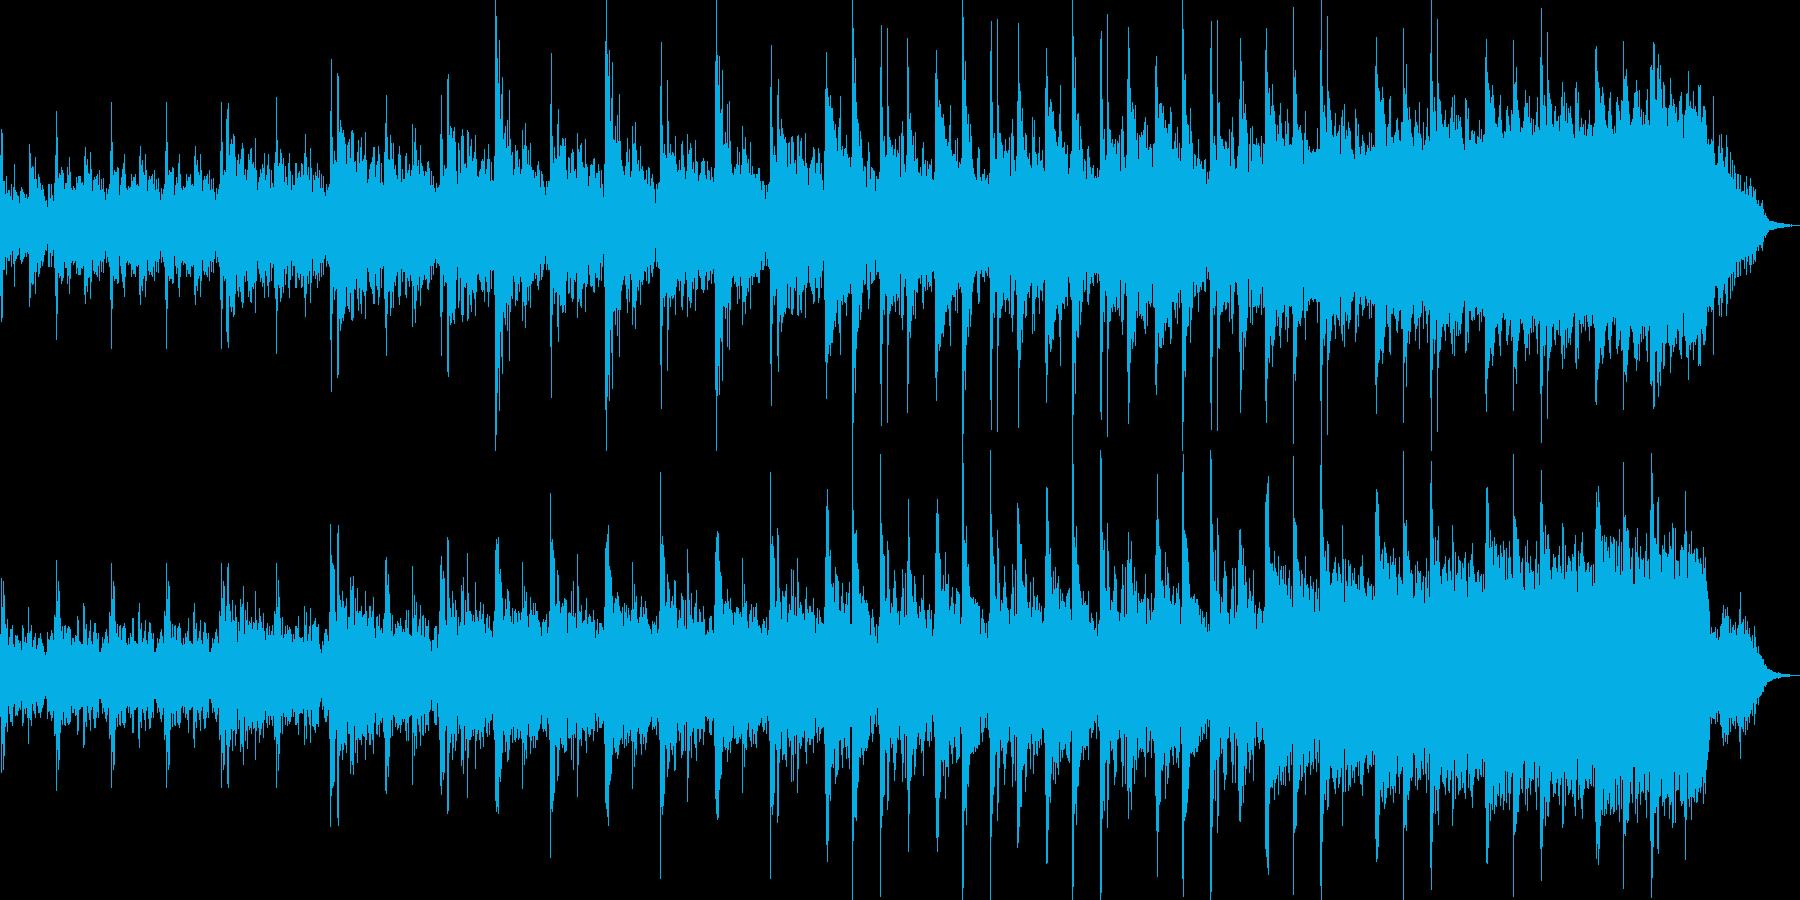 不気味であり、コミカルな面もあるBGMの再生済みの波形